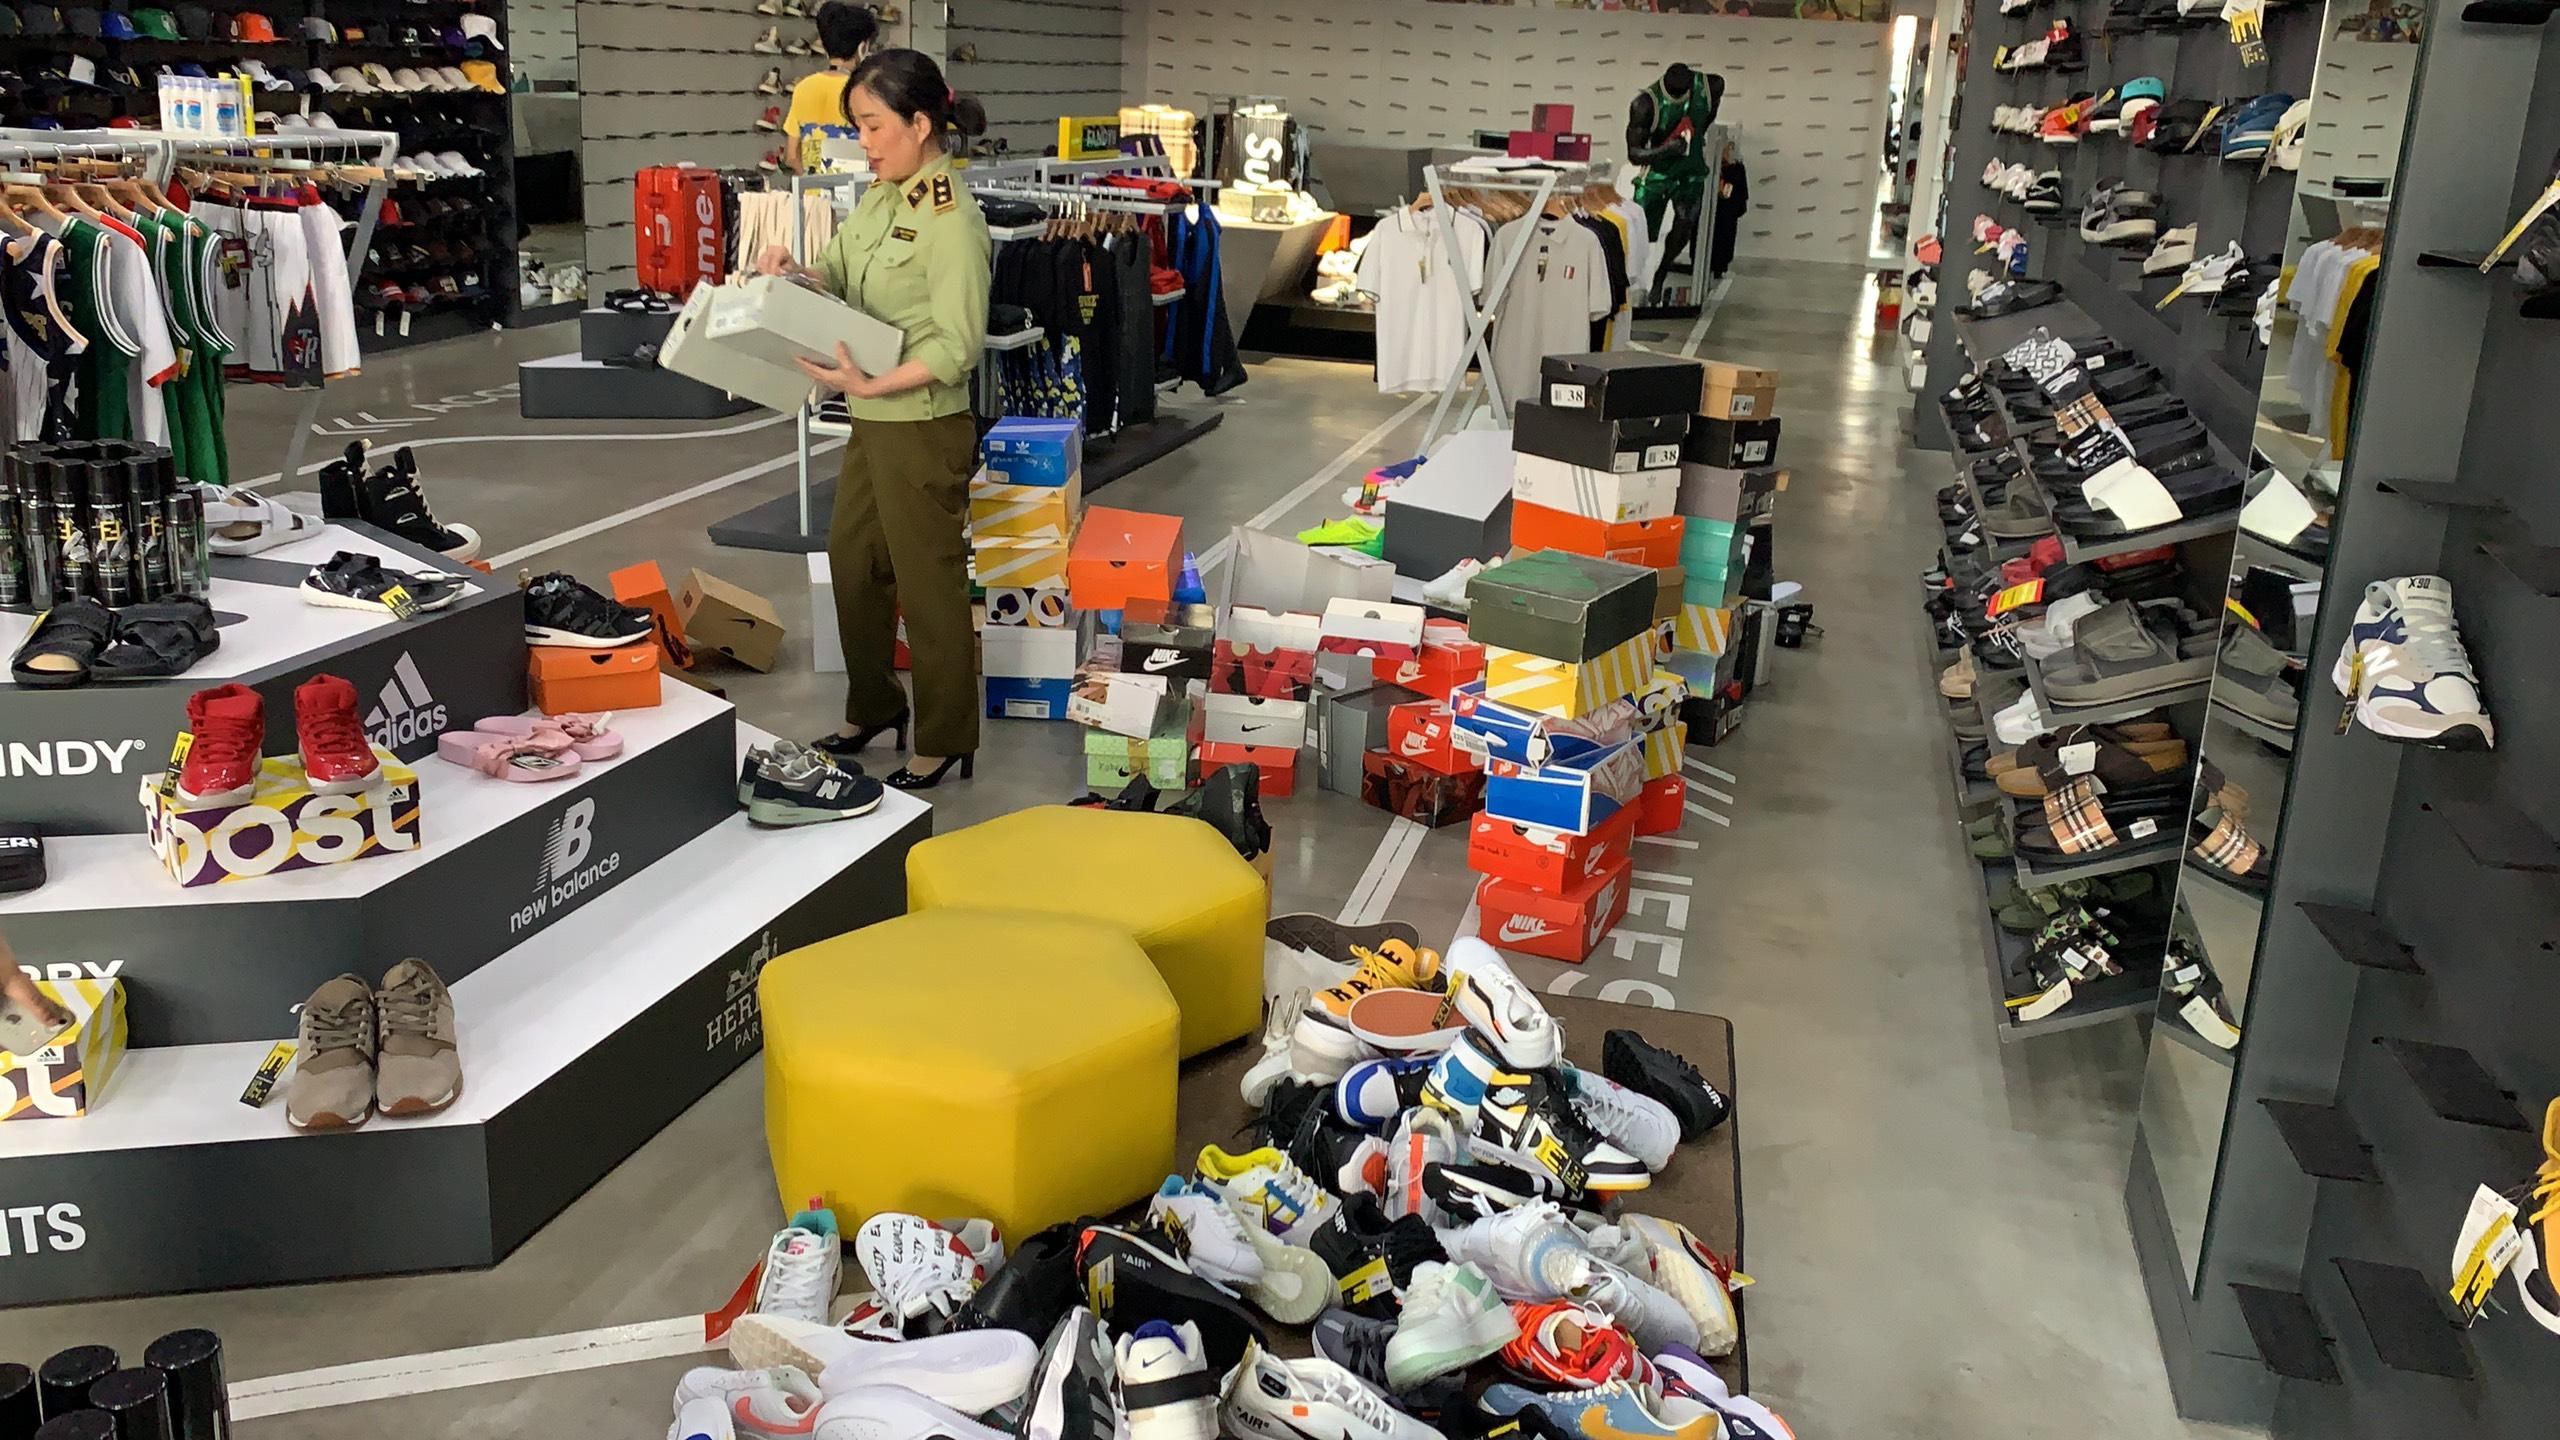 Đà Nẵng: Phát hiện hơn 1.900 sản phẩm nghi giả mạo nhãn hiệu thời trang Nike, Adidas, Louis Vuitton, Chanel, Hermes, Dior - Ảnh 1.